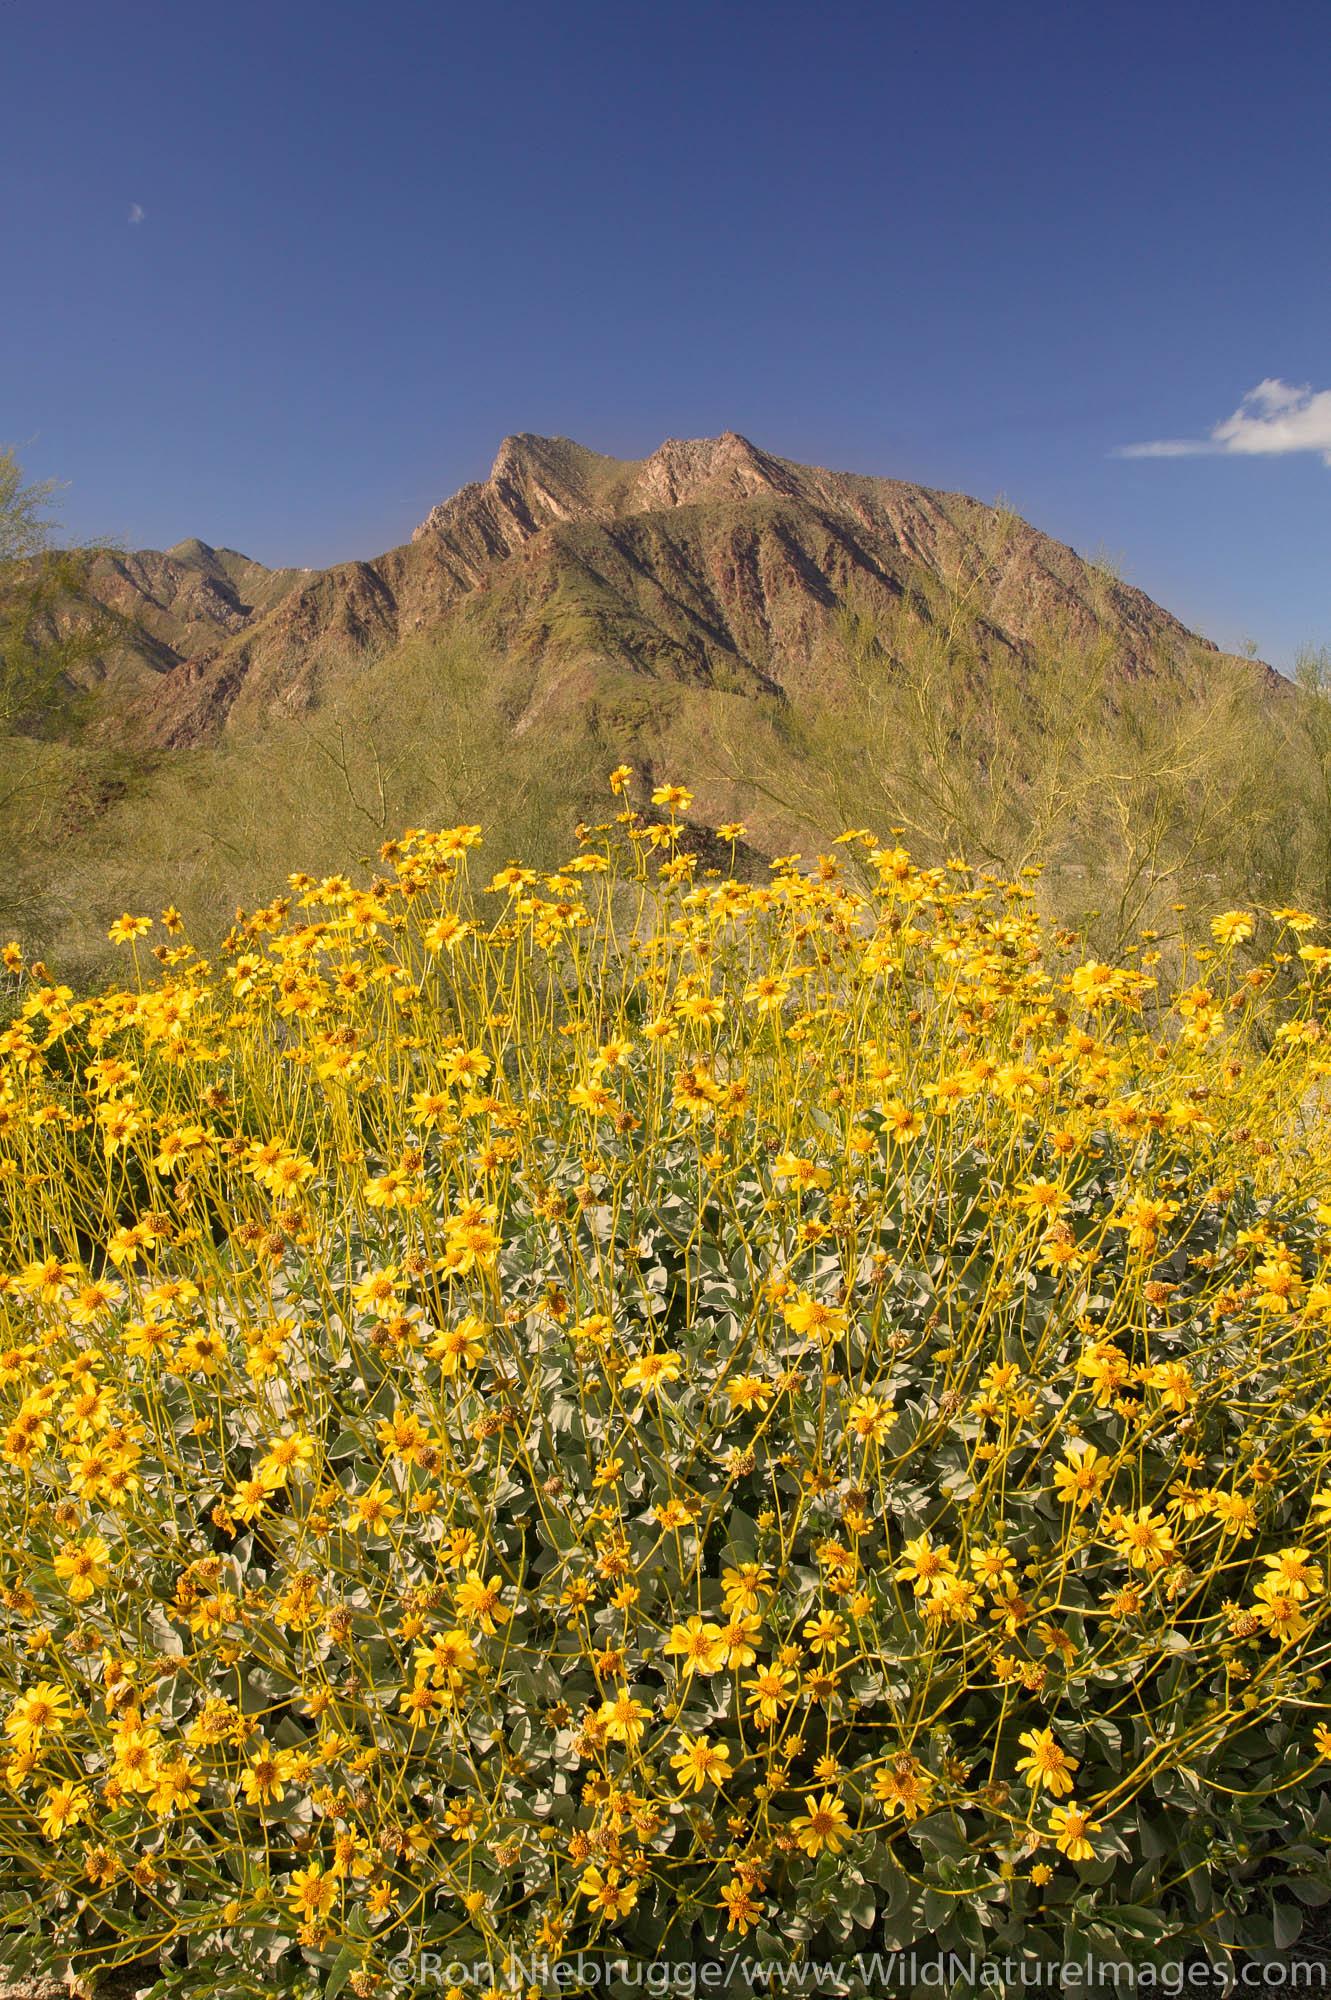 San Ysidro Mountain and Brittlebush (Encelia farinosa) from near the Borrego Springs Visitor Center, Anza-Borrego Desert State...